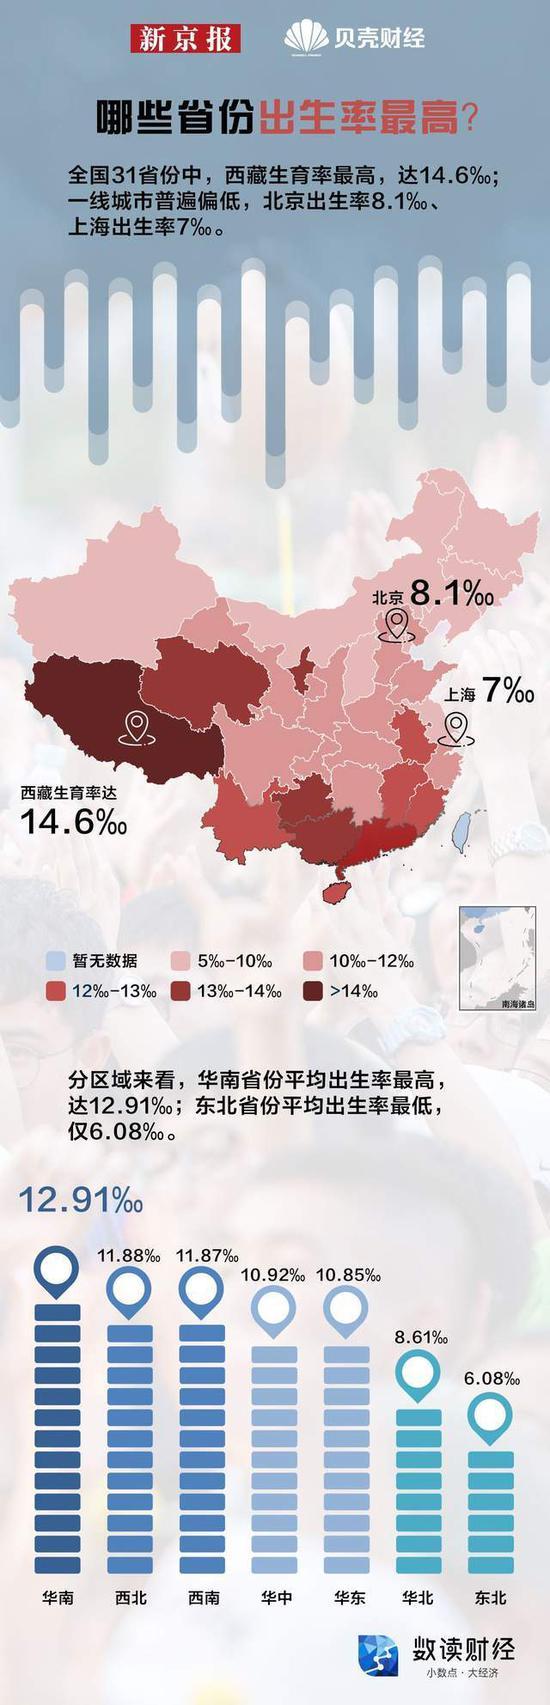 三孩政策来了 你生吗?一图看懂哪些省份的人最愿意生孩子图片